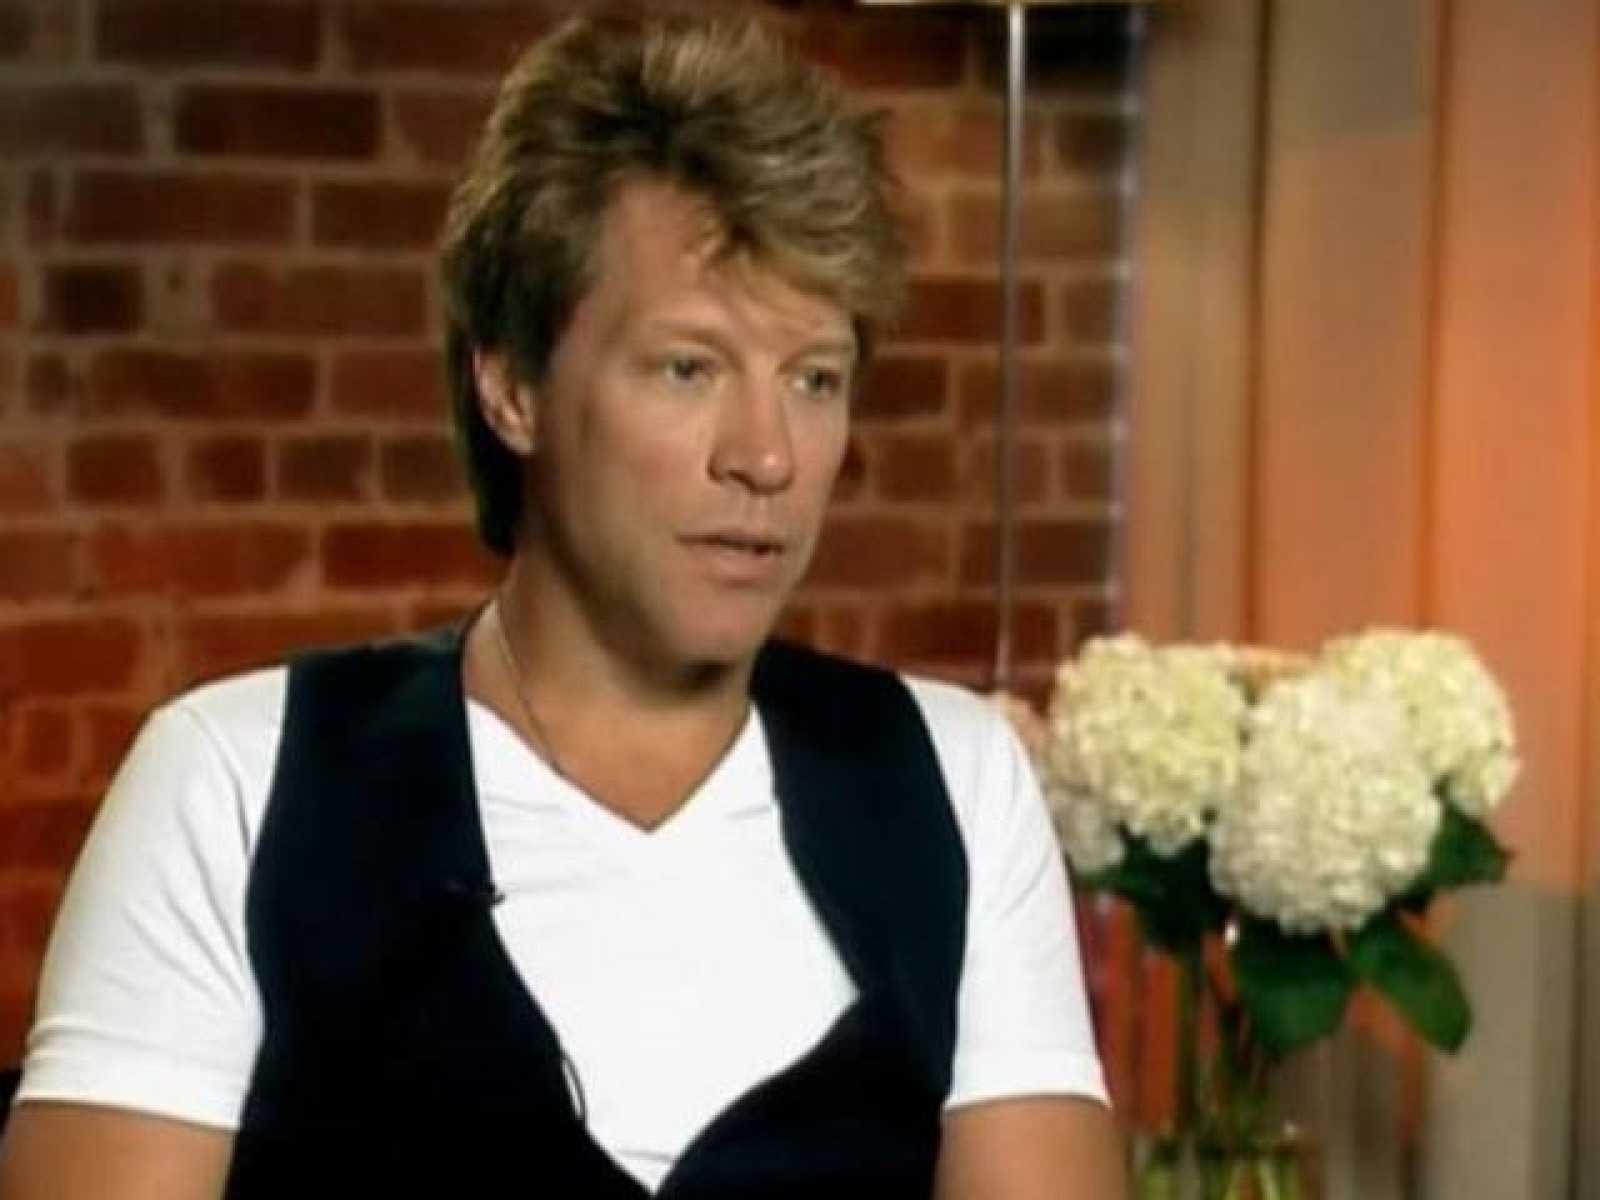 Entrevista con Jon Bon Jovi (Versión original)